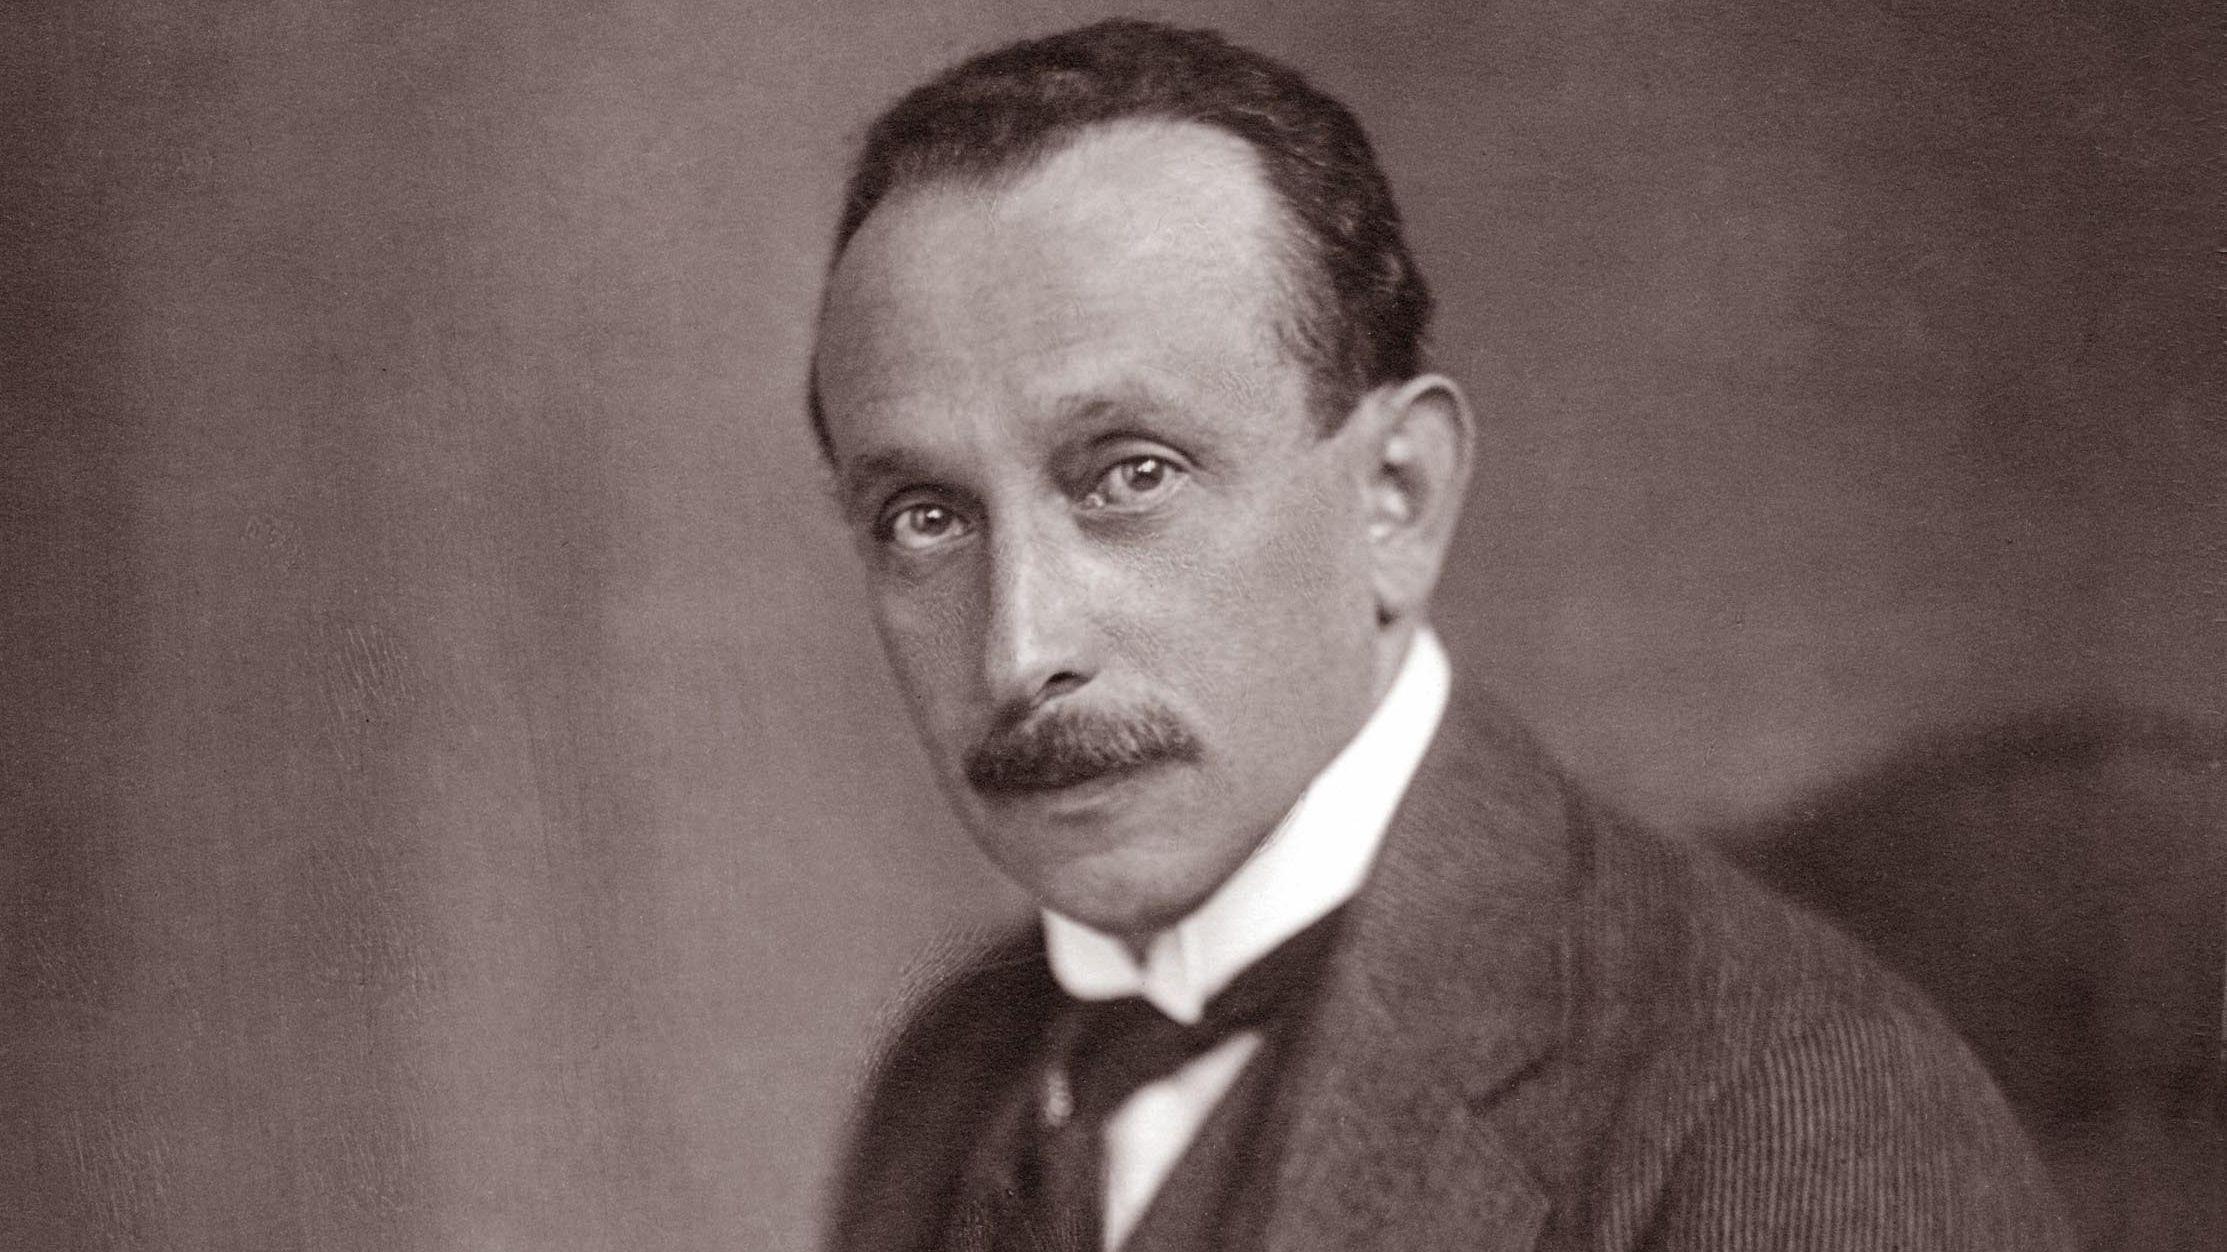 Eine schwarz-weiß Aufnahme des österreichisch-ungarischen Autors Felix Salten, der vor 150 Jahren geboren wurde.